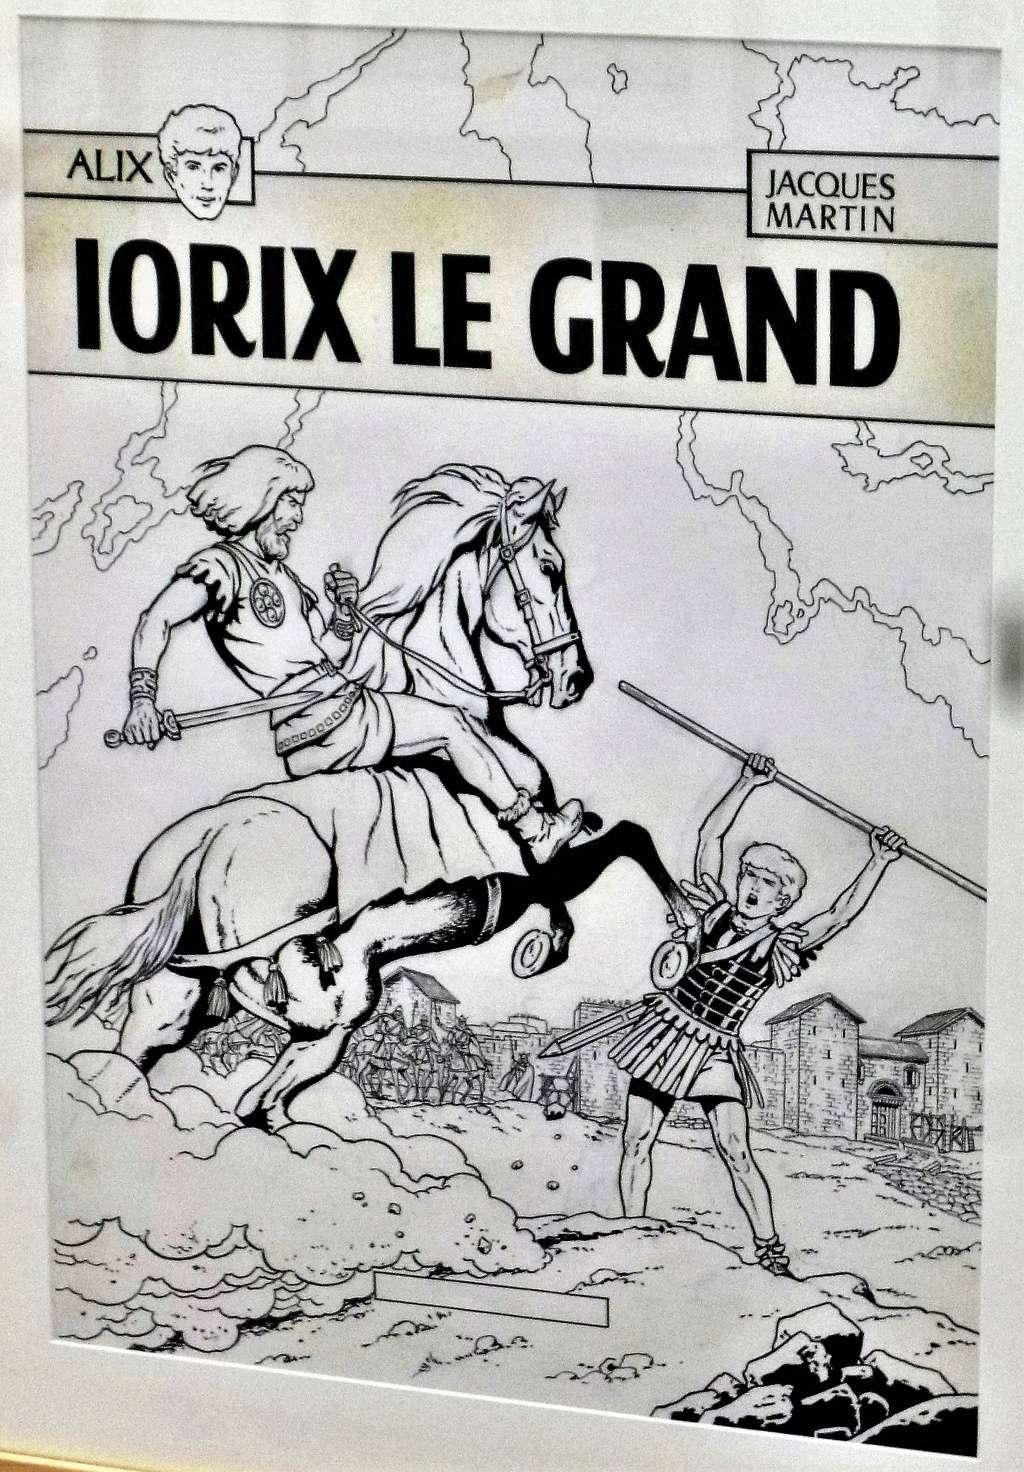 expositions consacrées à Alix - Page 4 P1420040